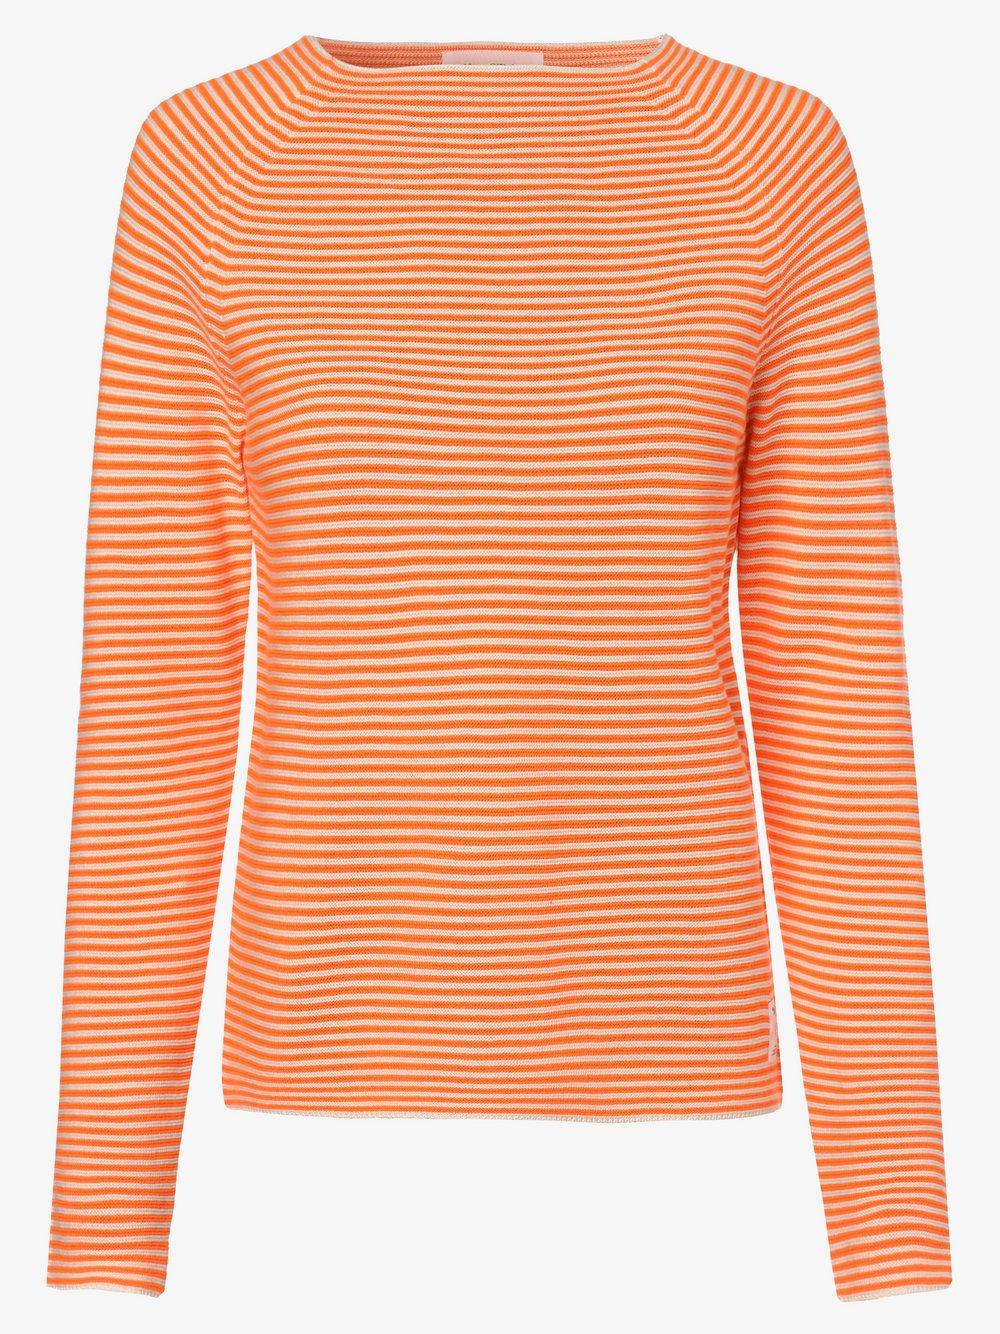 Marc O'Polo Denim – Sweter damski, pomarańczowy Van Graaf 461117-0001-09960